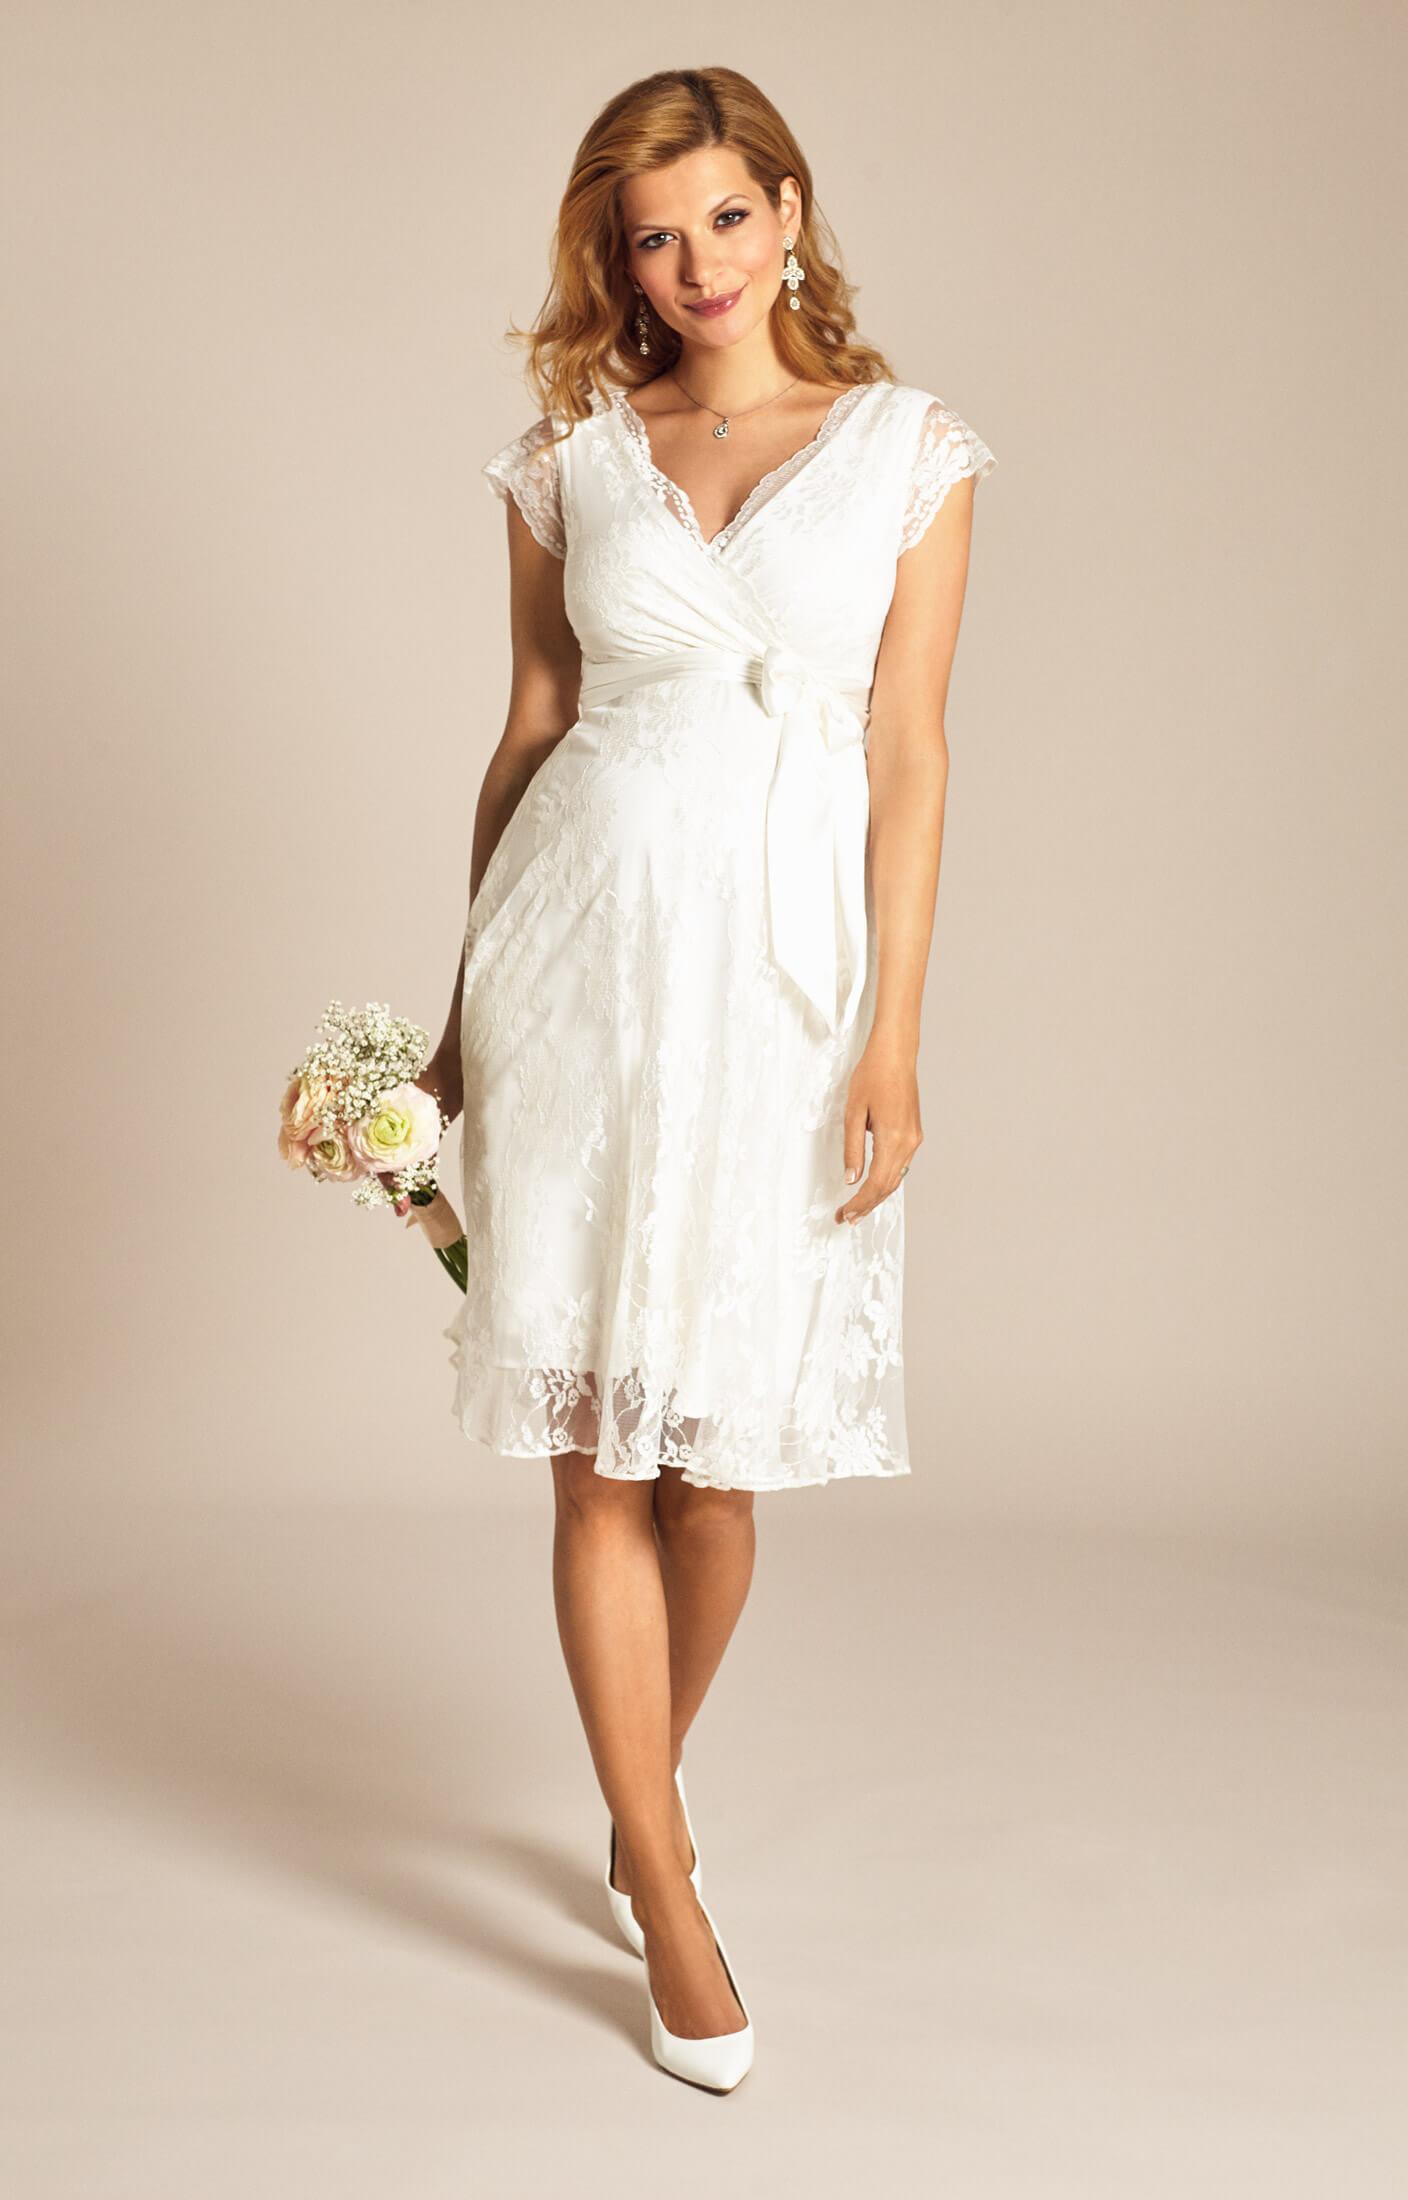 Eden Abendkleid kurz (Ivory Dream) - Umstandshochzeitskleider ...